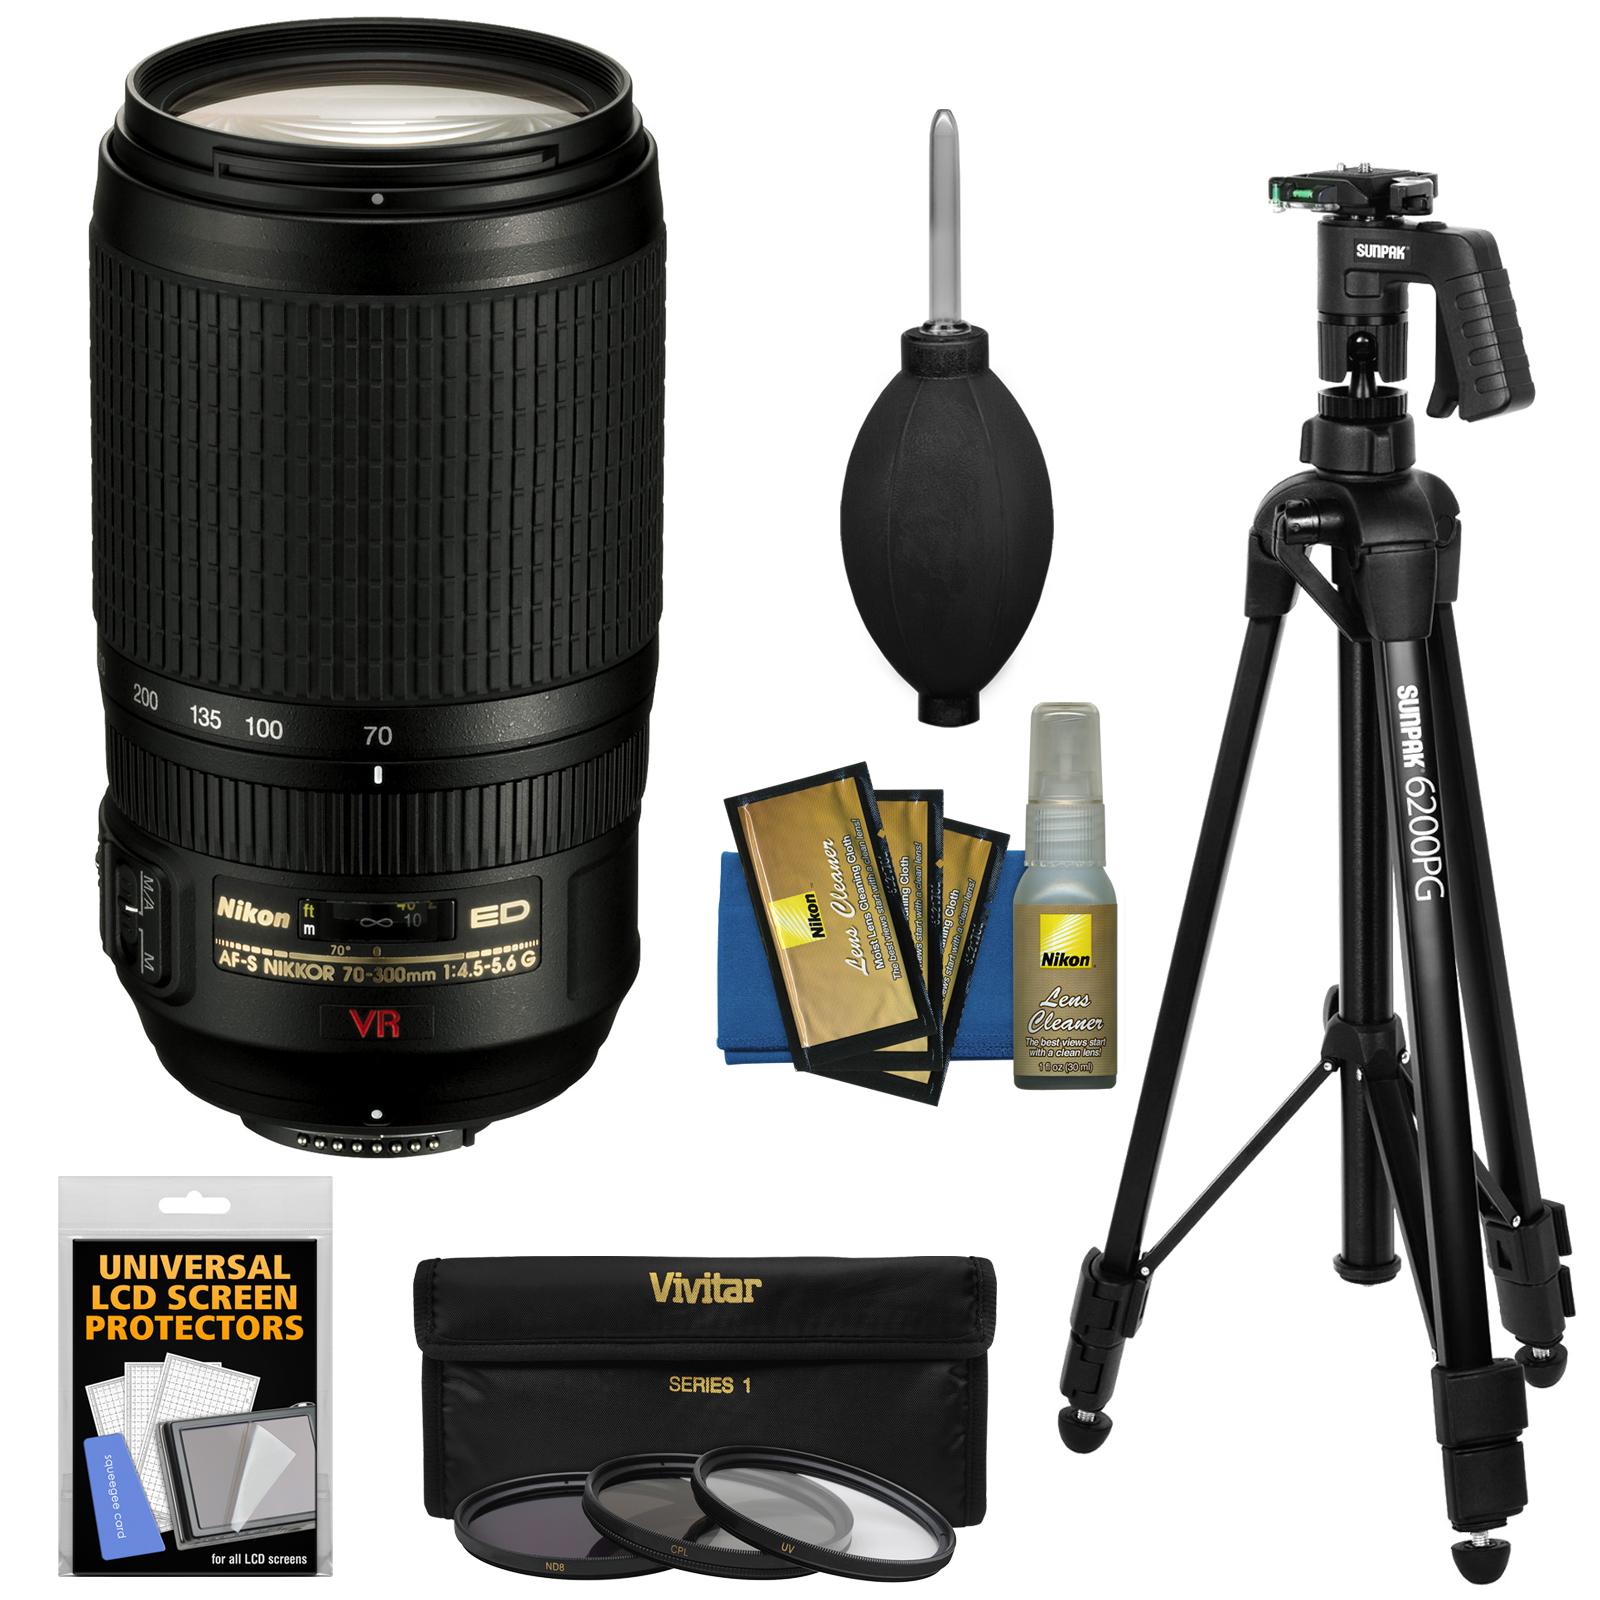 Nikon 70-300mm f/4.5-5.6 G VR AF-S Zoom-Nikkor Lens + 3 Filters + Pistol Grip Tripod for D3200, D3300, D5300, D5500, D7100, D7200, D750, D810 Camera